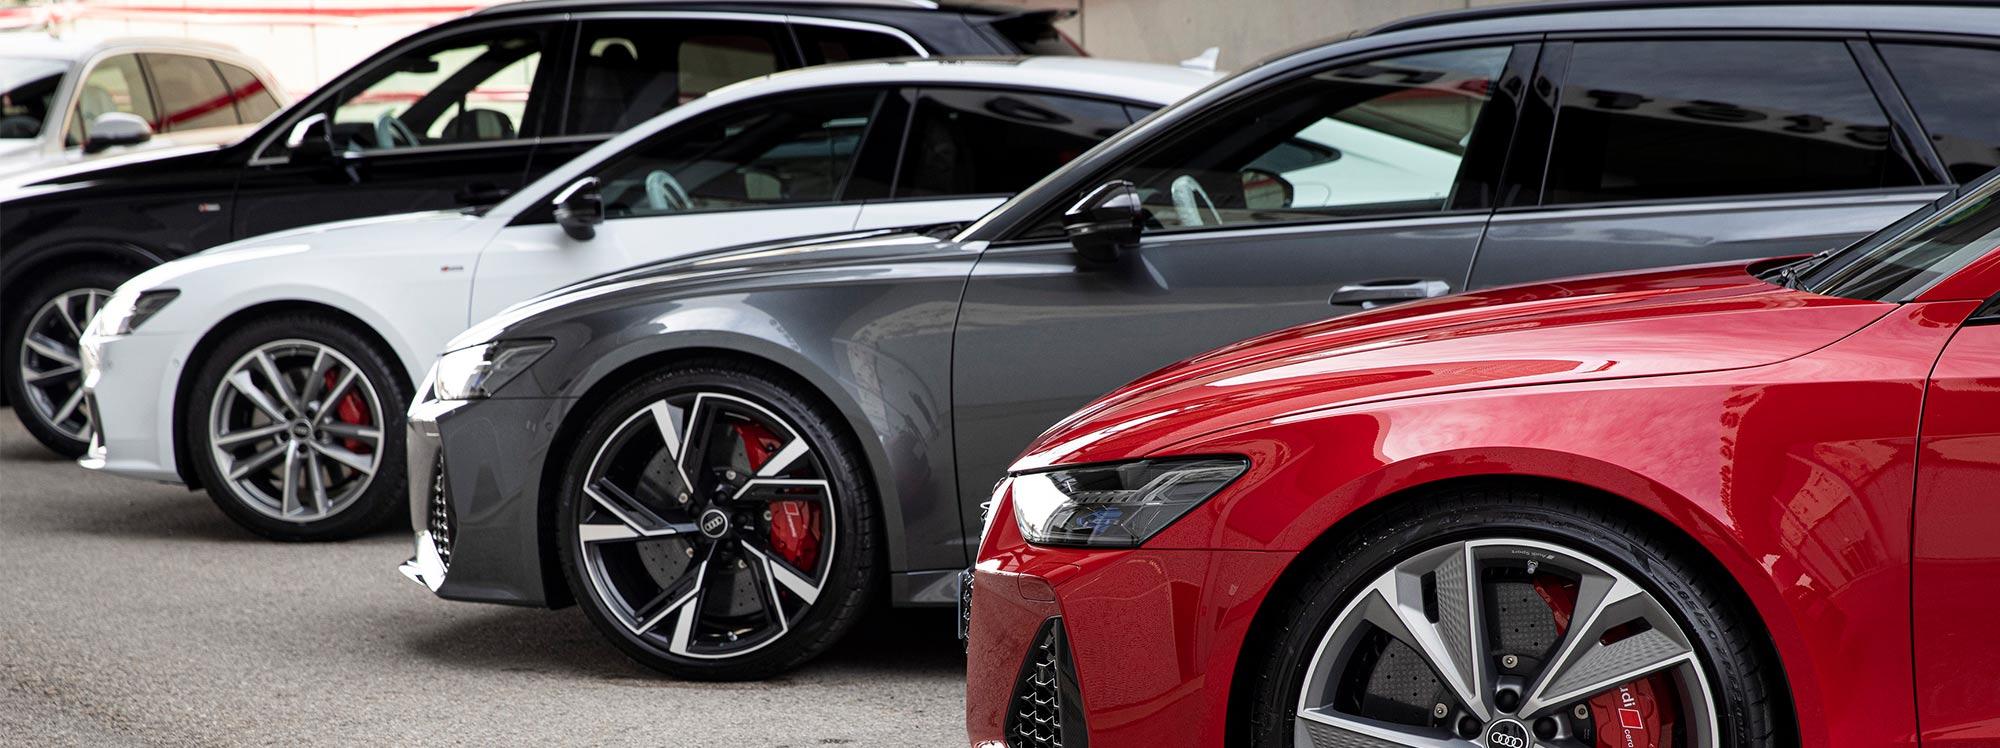 Audi entregó nuevos modelos al  Real Madrid